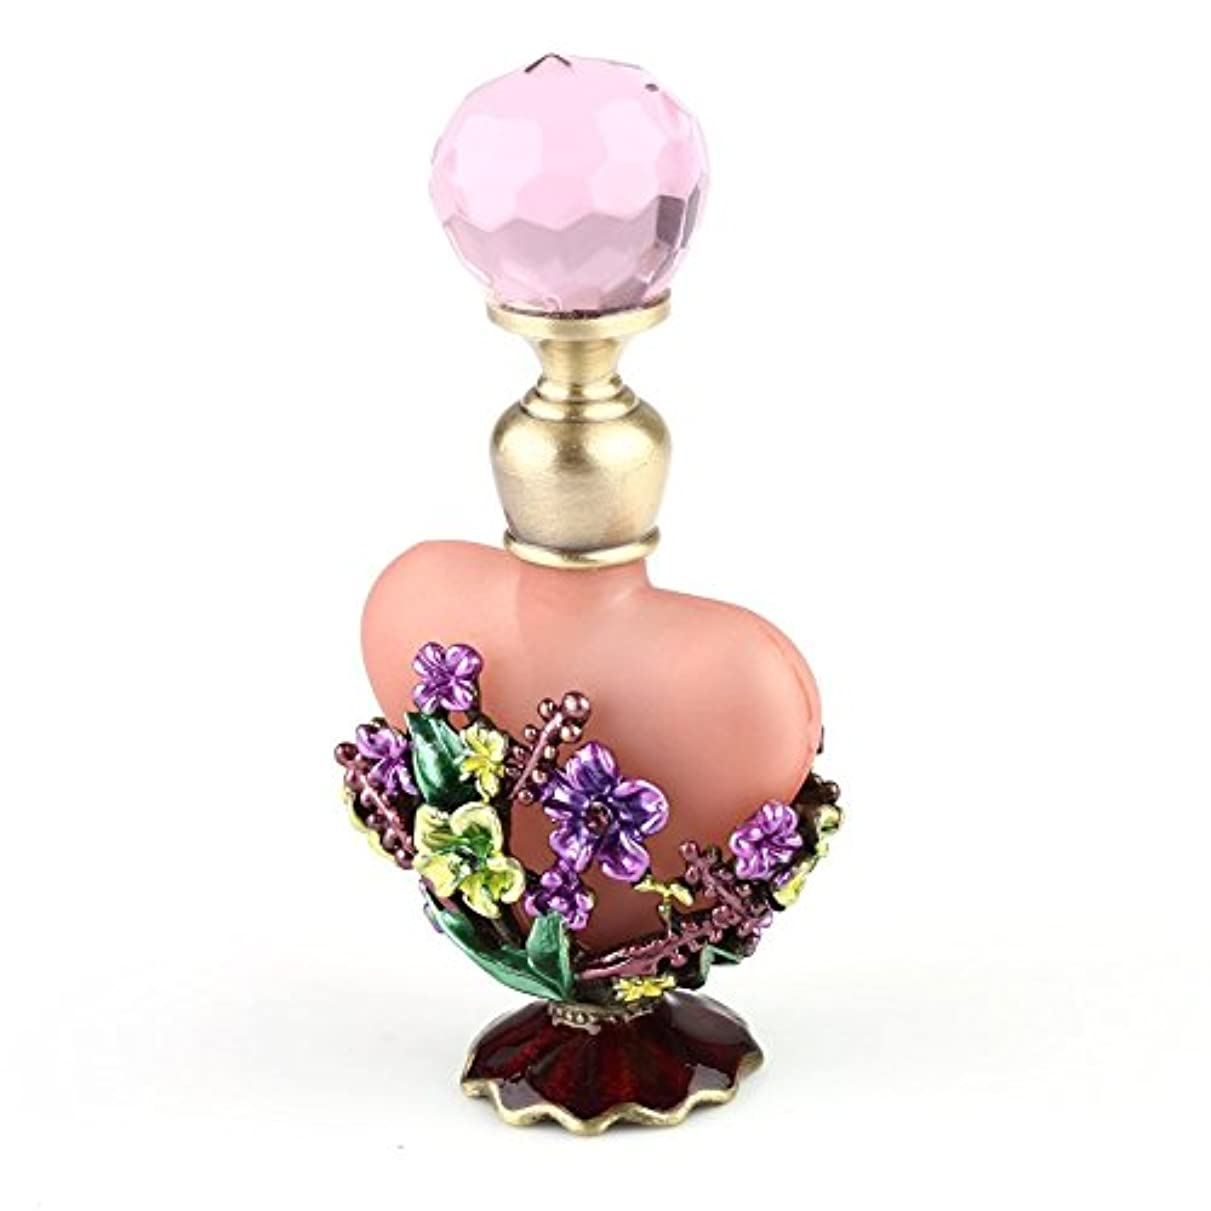 アラバマ匹敵しますぶどうVERY100 高品質 美しい香水瓶/アロマボトル 5ML ピンク アロマオイル用瓶 綺麗アンティーク調フラワーデザイン プレゼント 結婚式 飾り